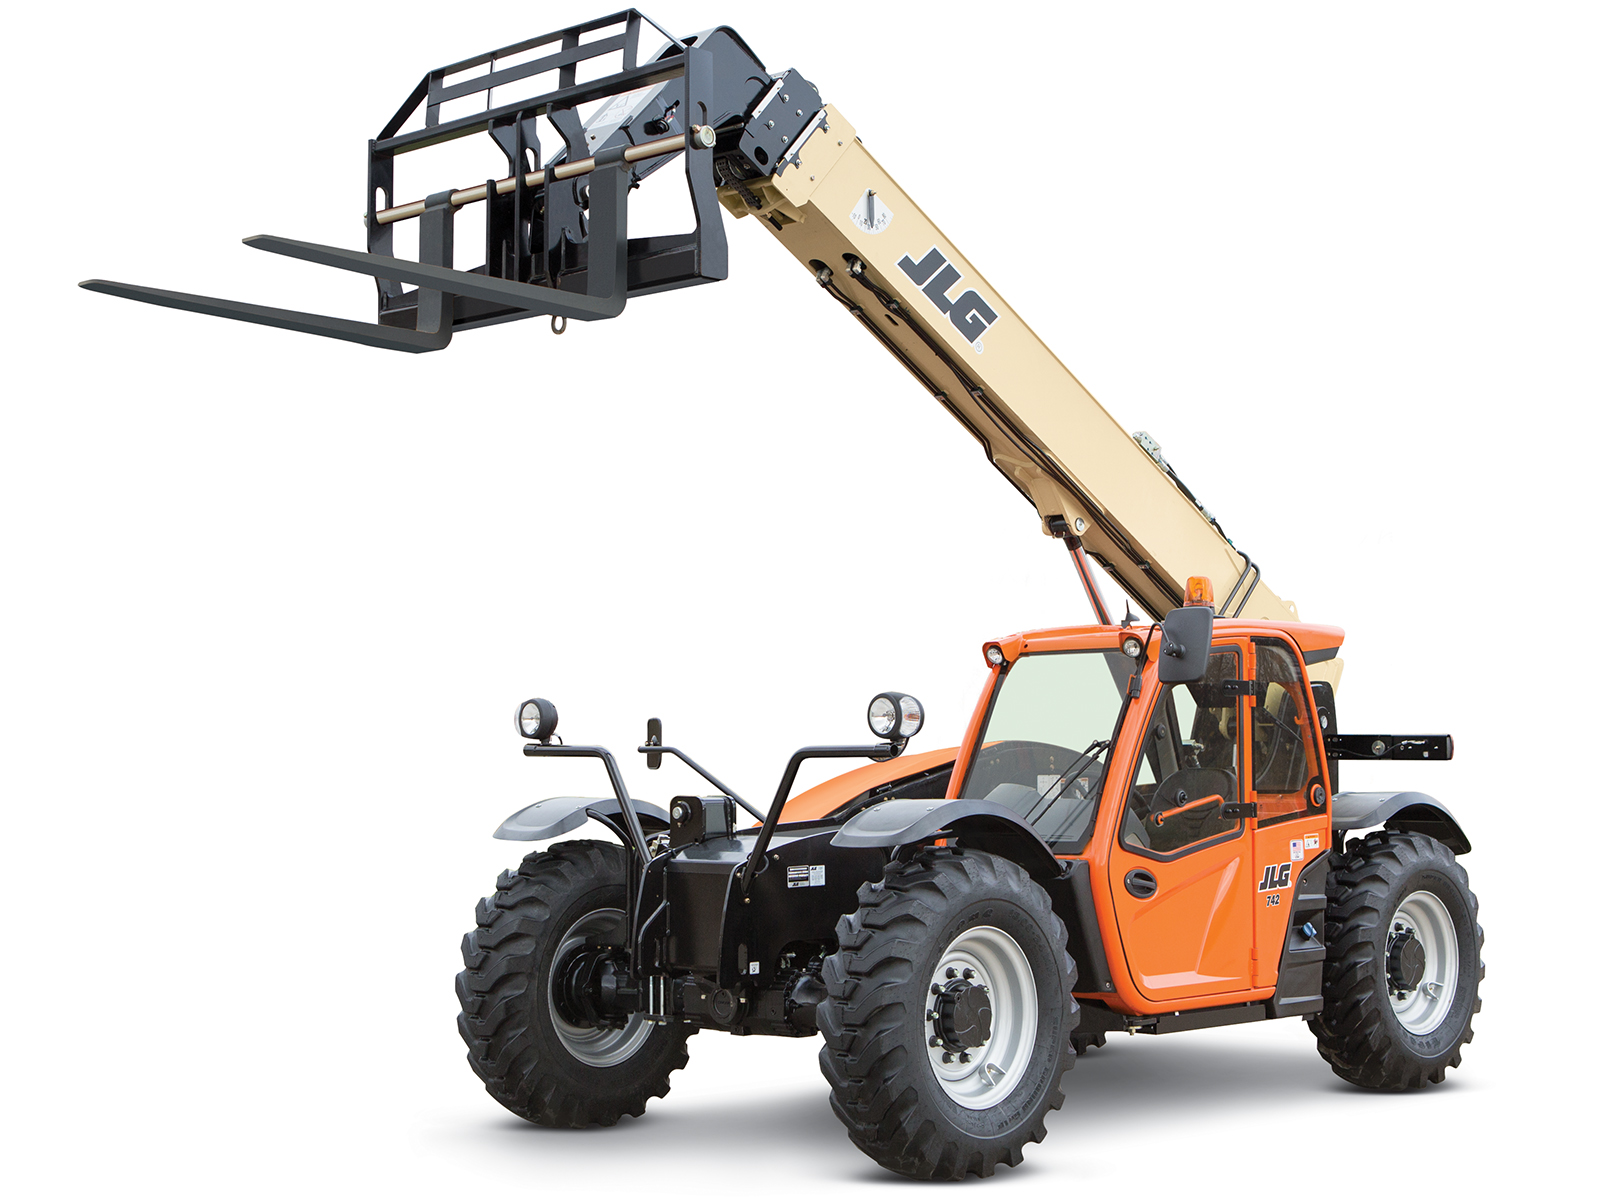 Forklift Telehandler 7,000 Lb   New York City, NY